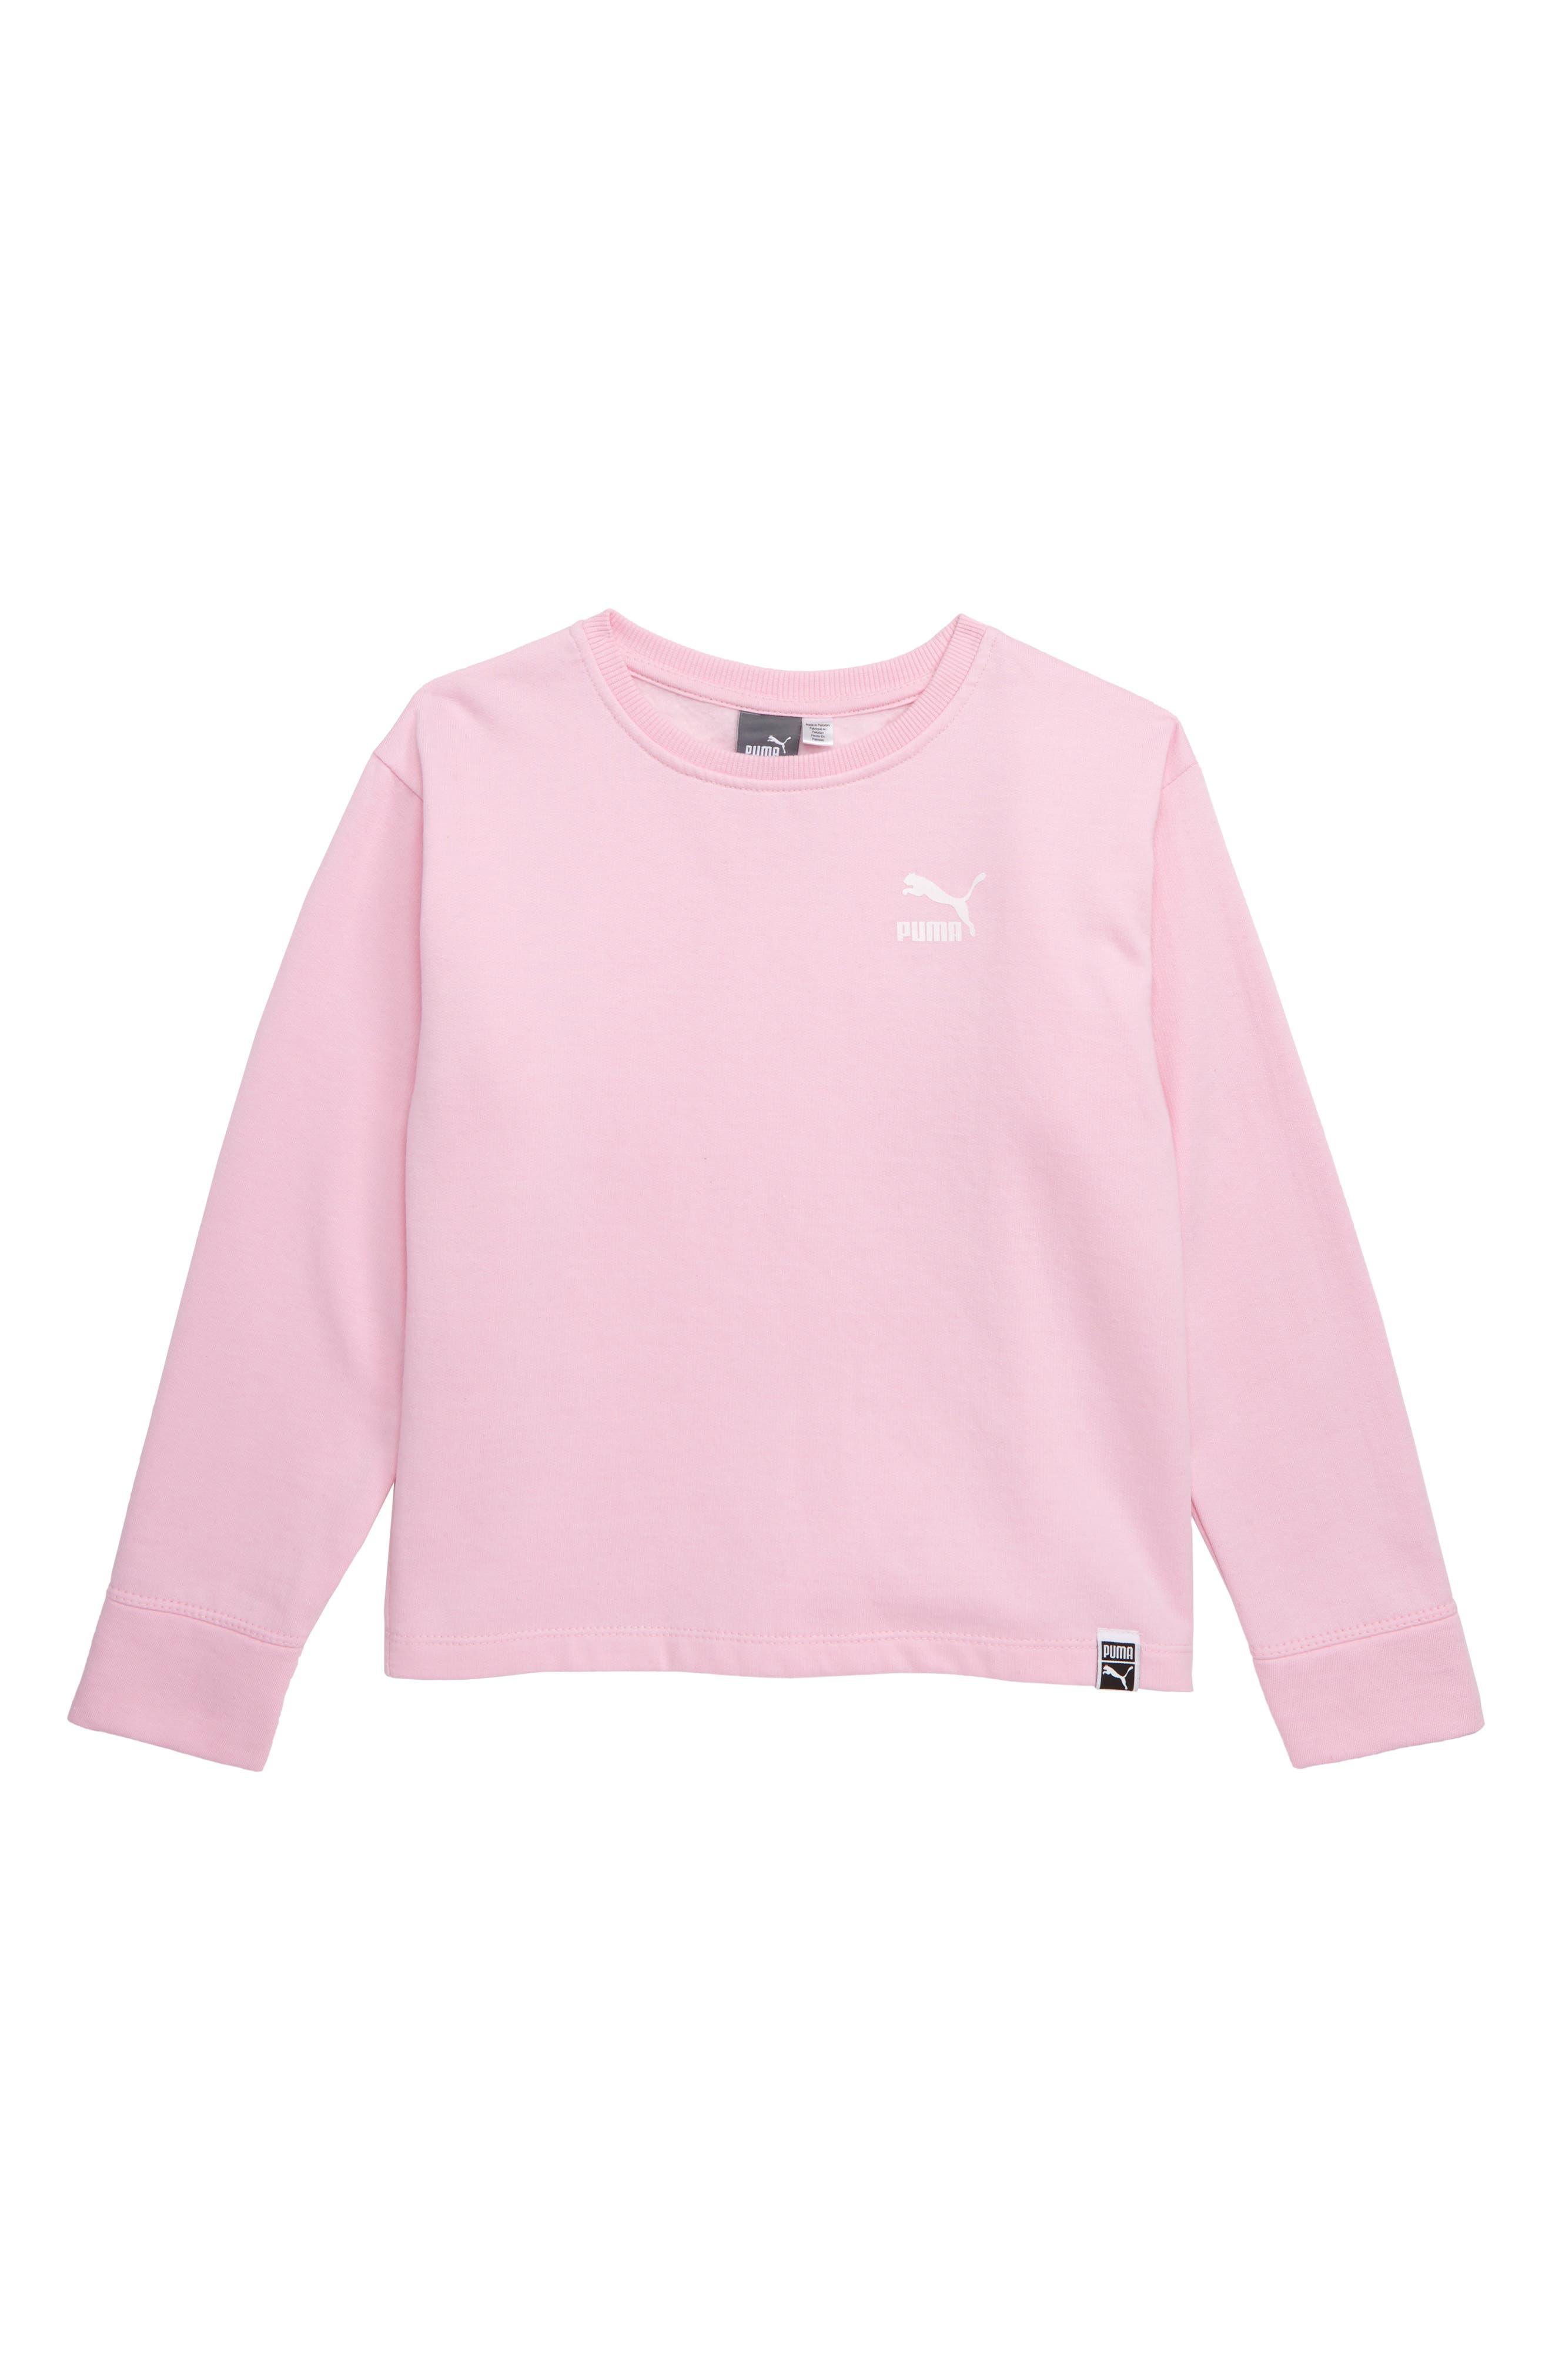 PUMA Oversize Fleece Pullover, Main, color, PALE PINK